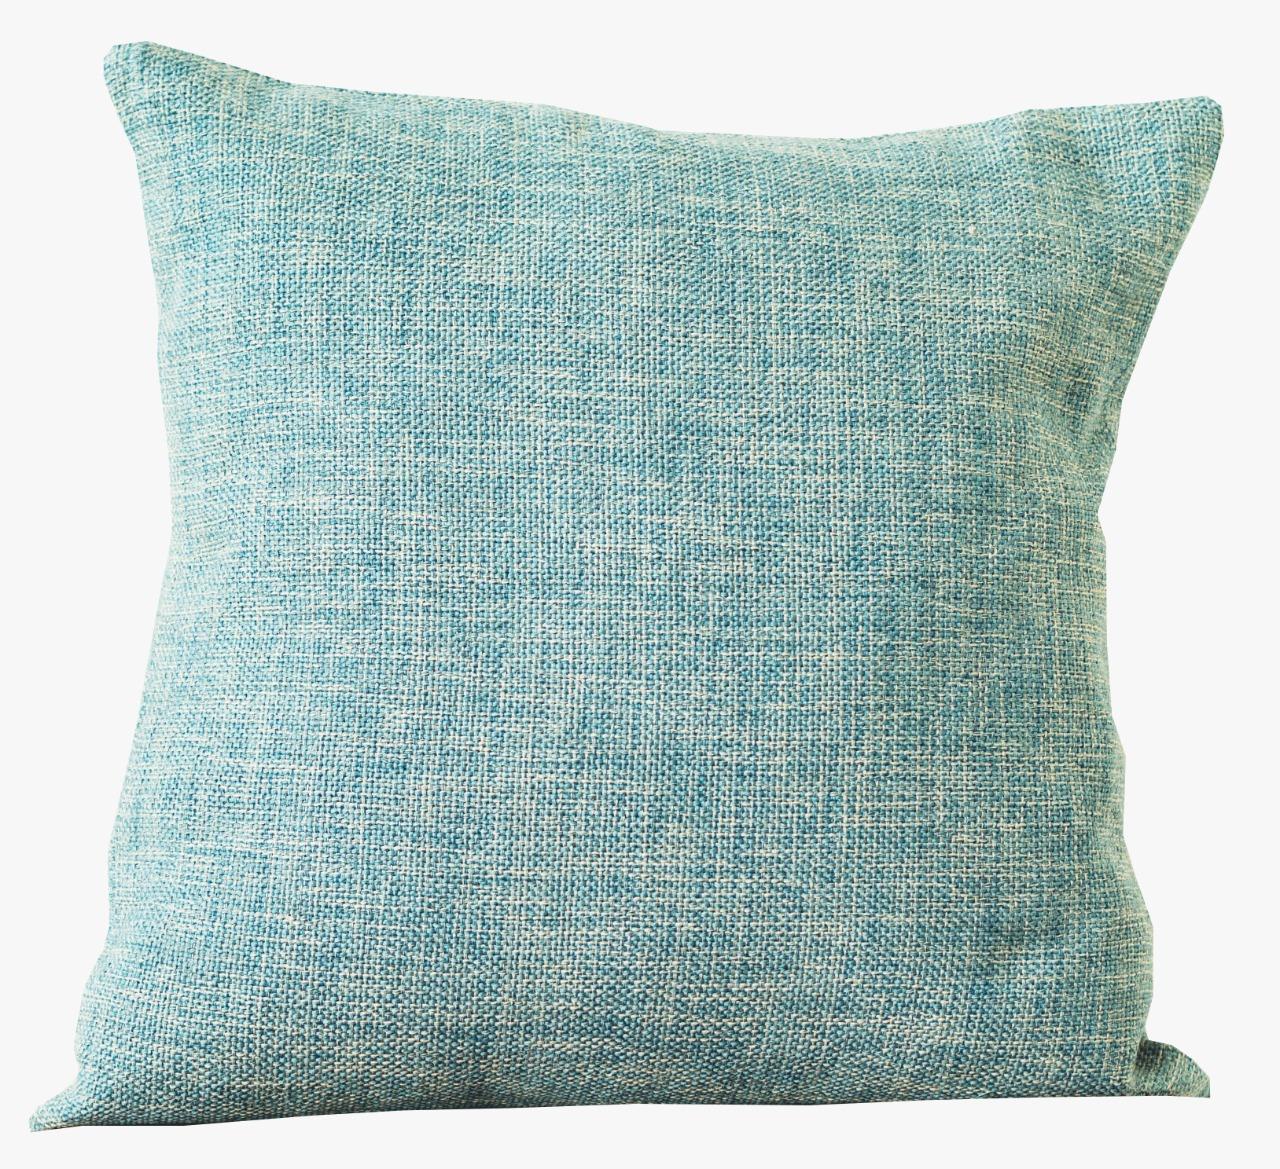 Corbin Bluebell cushion